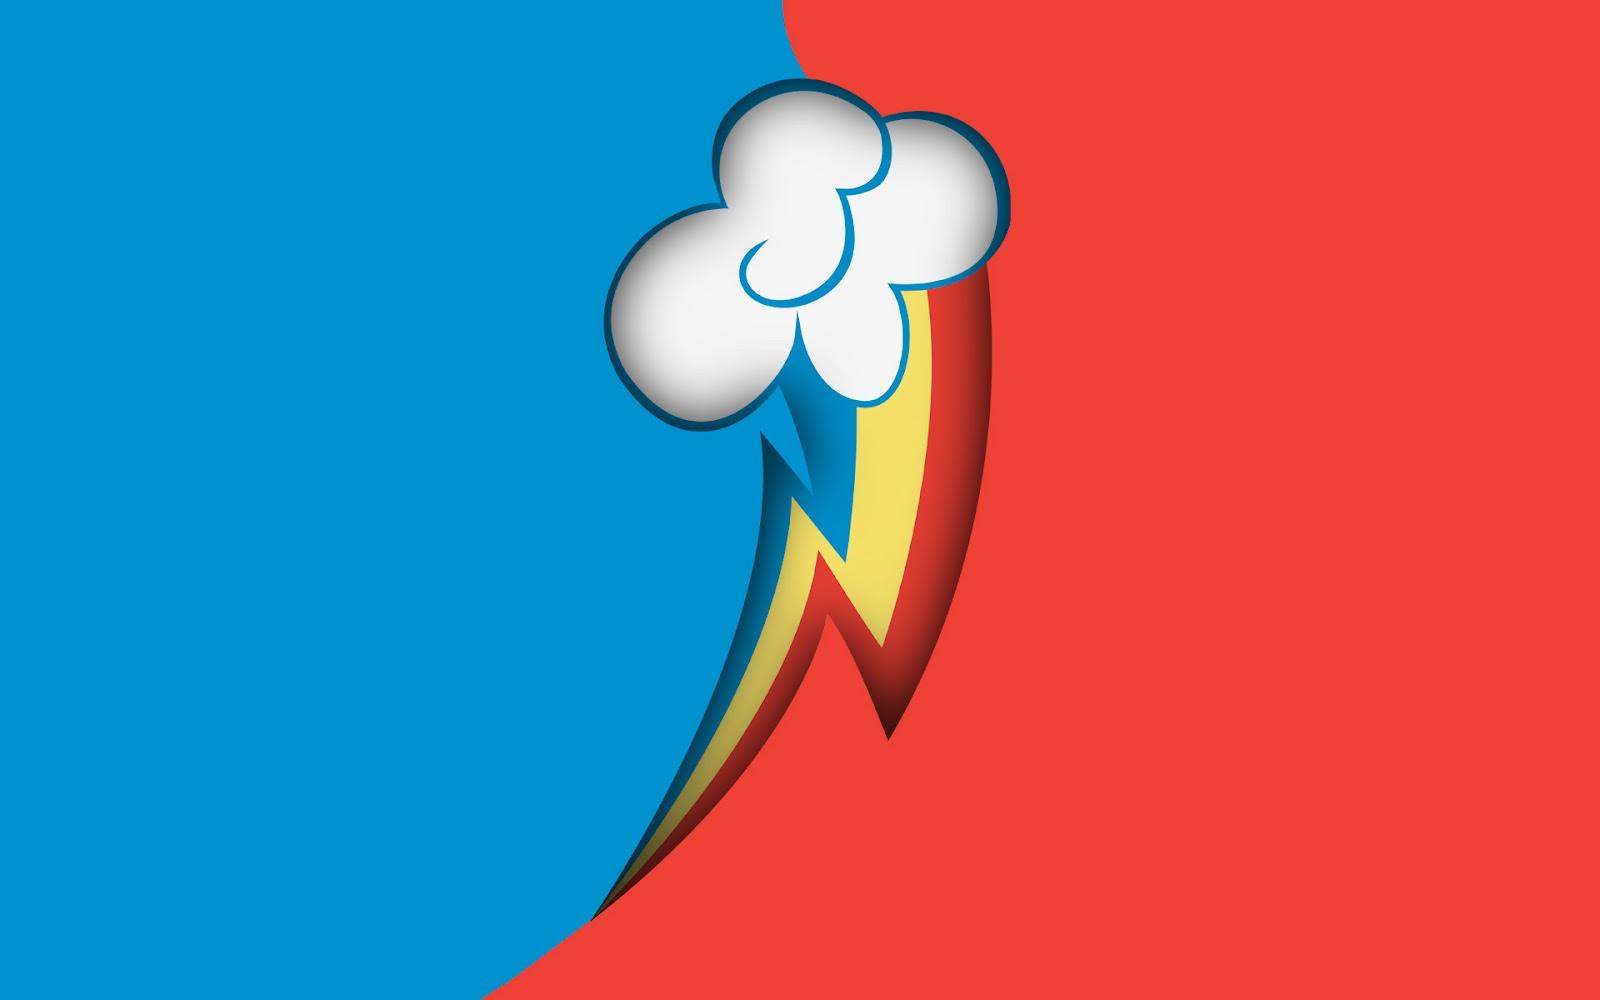 http://3.bp.blogspot.com/-RTKEGOUkdIQ/T1HlddgkU0I/AAAAAAAAEXI/dzUe87tE-9w/s1600/Rainbow+Dash+Wallpaper.jpg